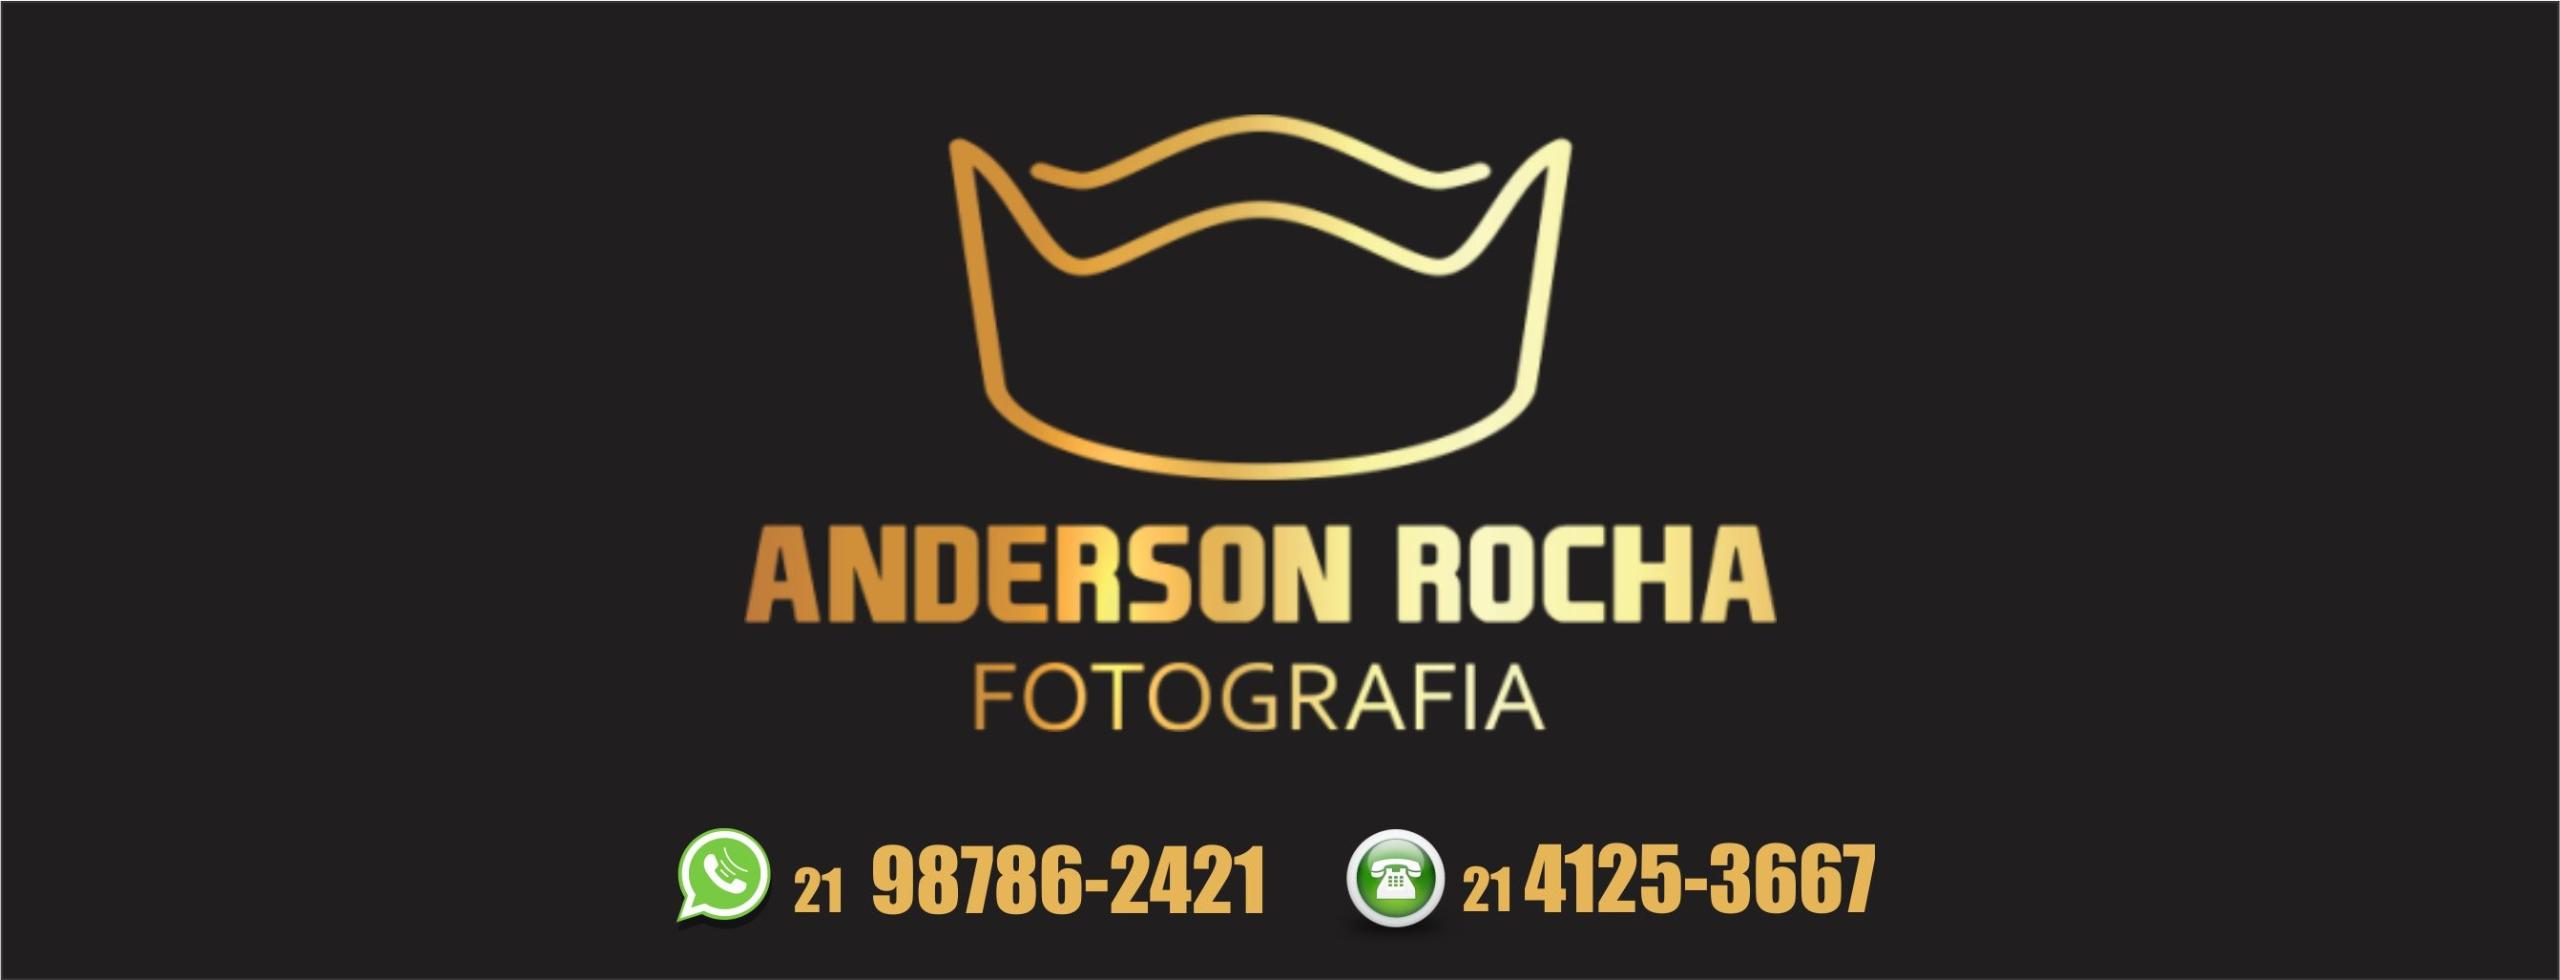 Anderson Rocha Fotografia (@andersonrochafotografia) Cover Image